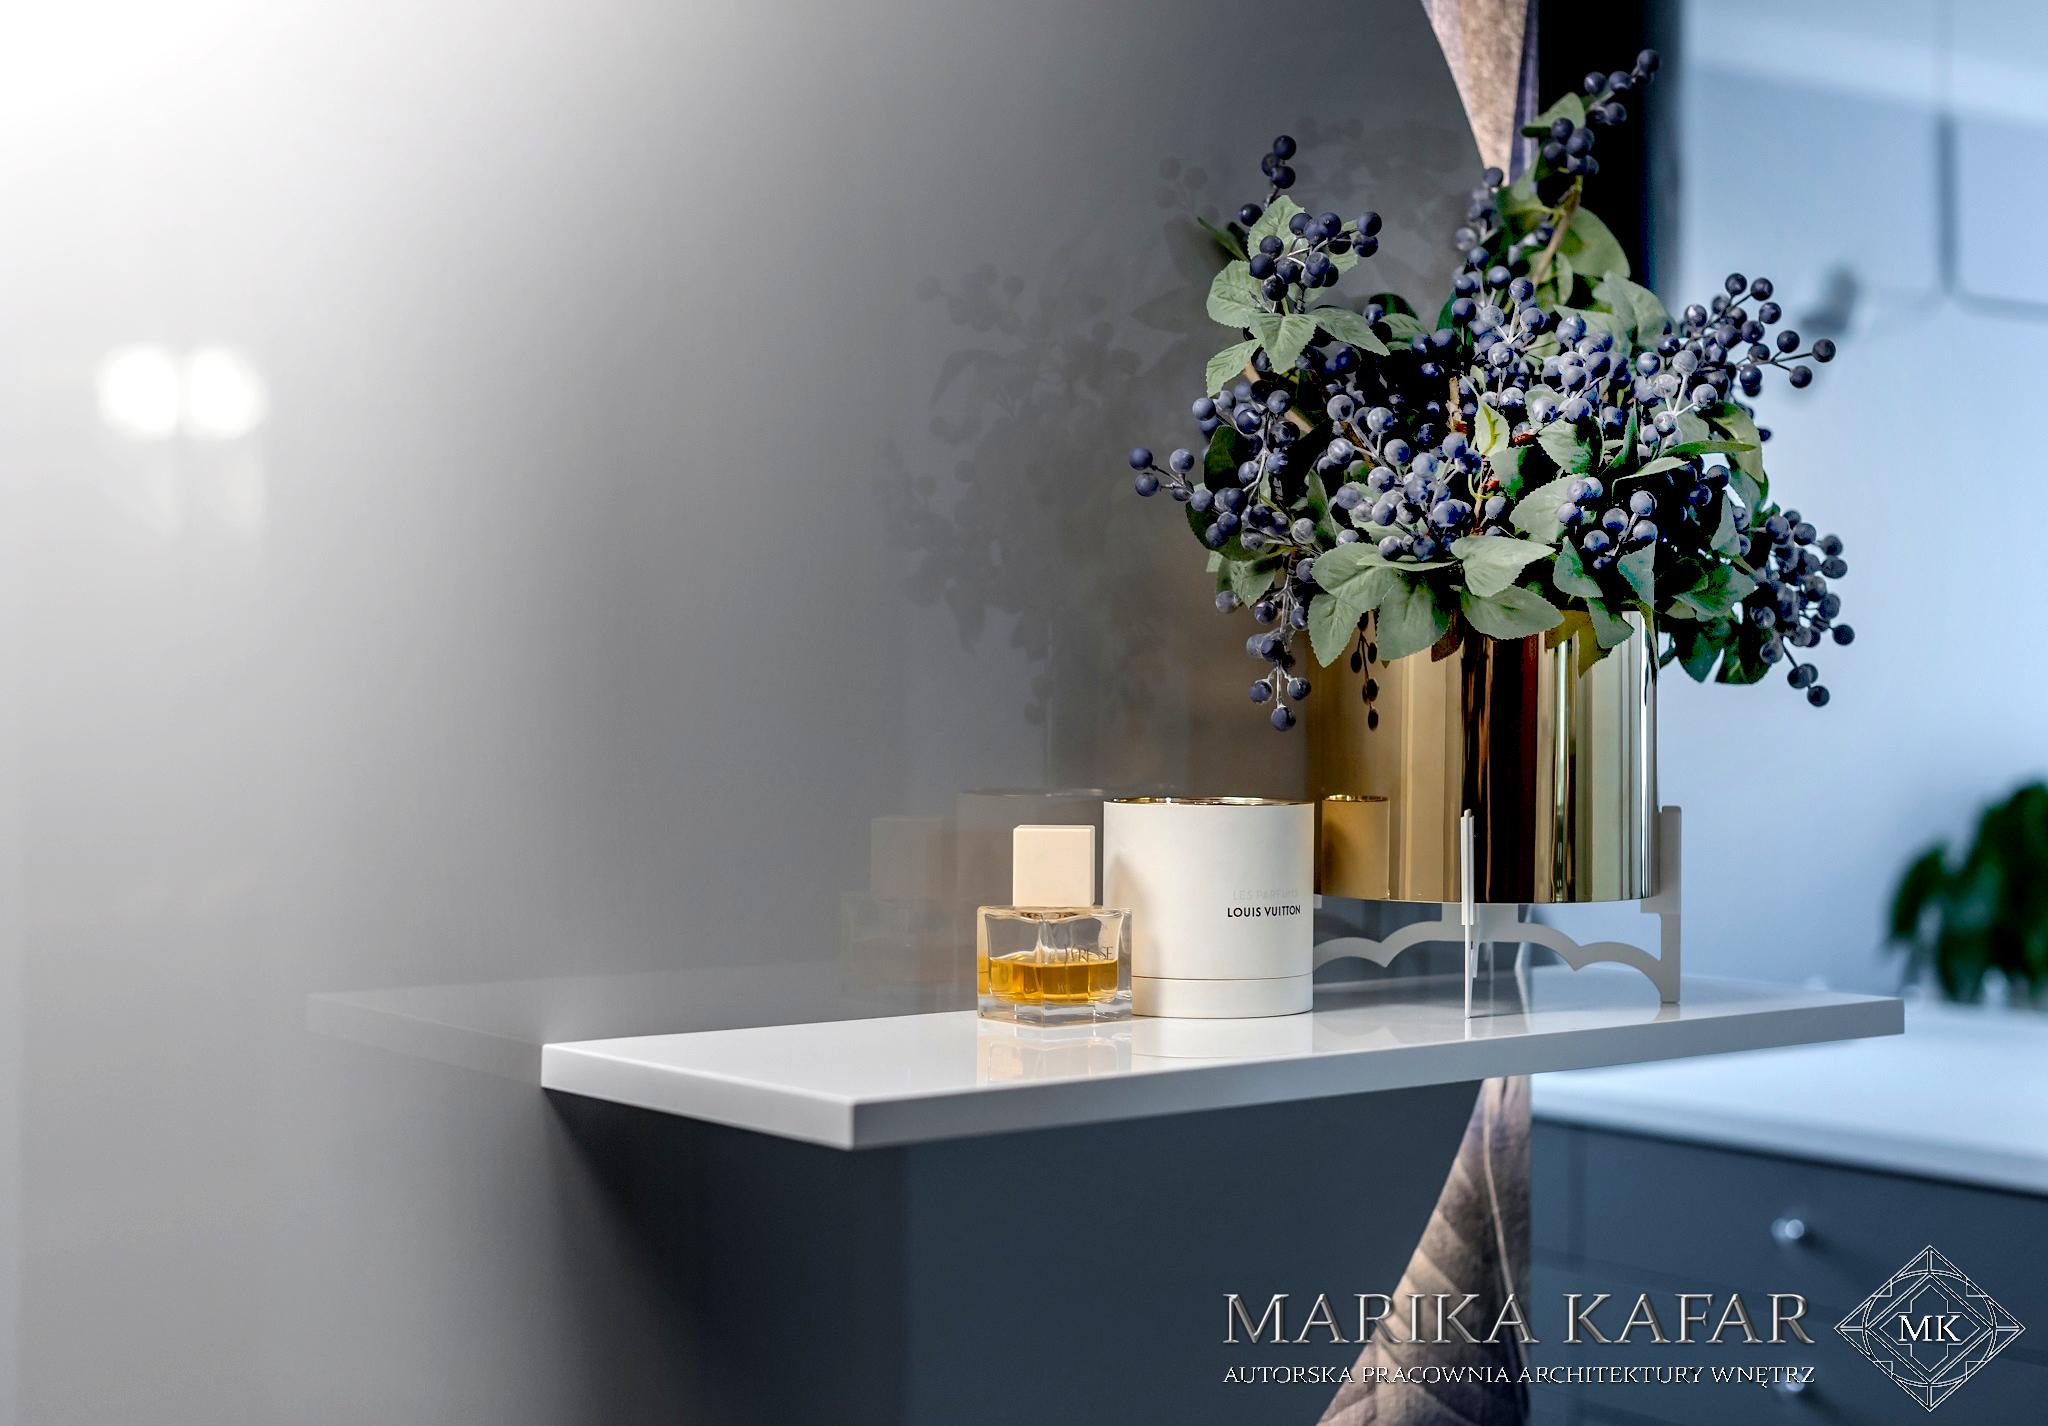 Marika Kafar. Wnętrze z dużą ilością kwiatów.